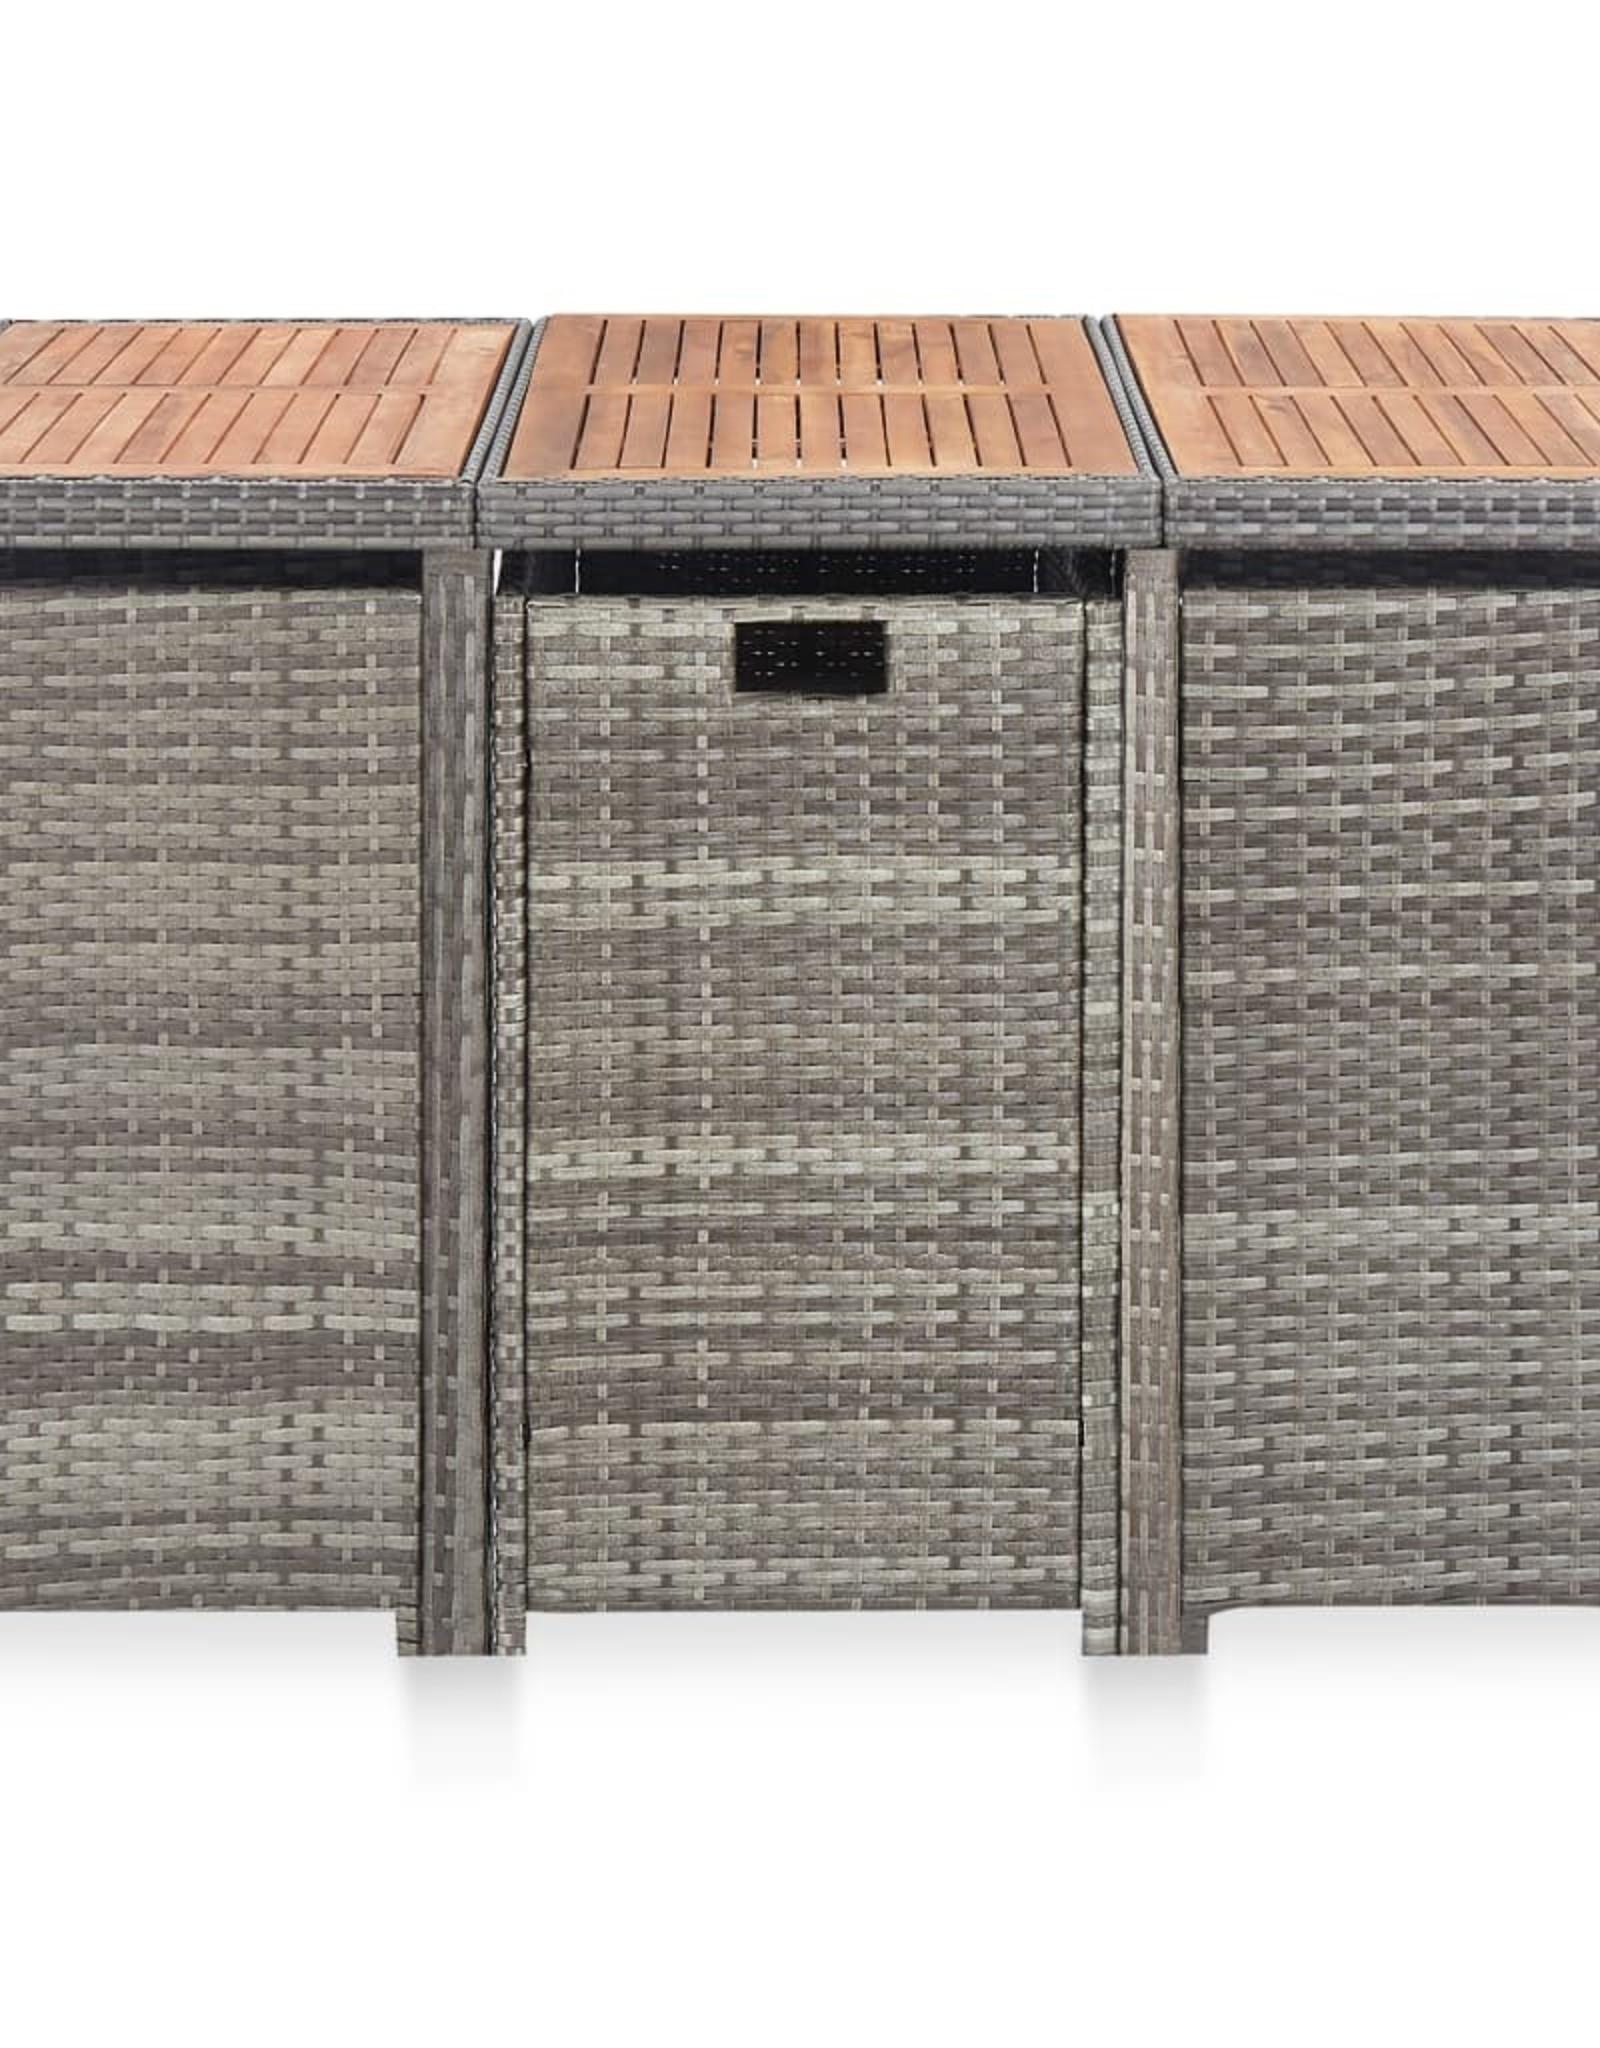 vidaXL 11-delige Tuinset poly rattan en acaciahout antraciet